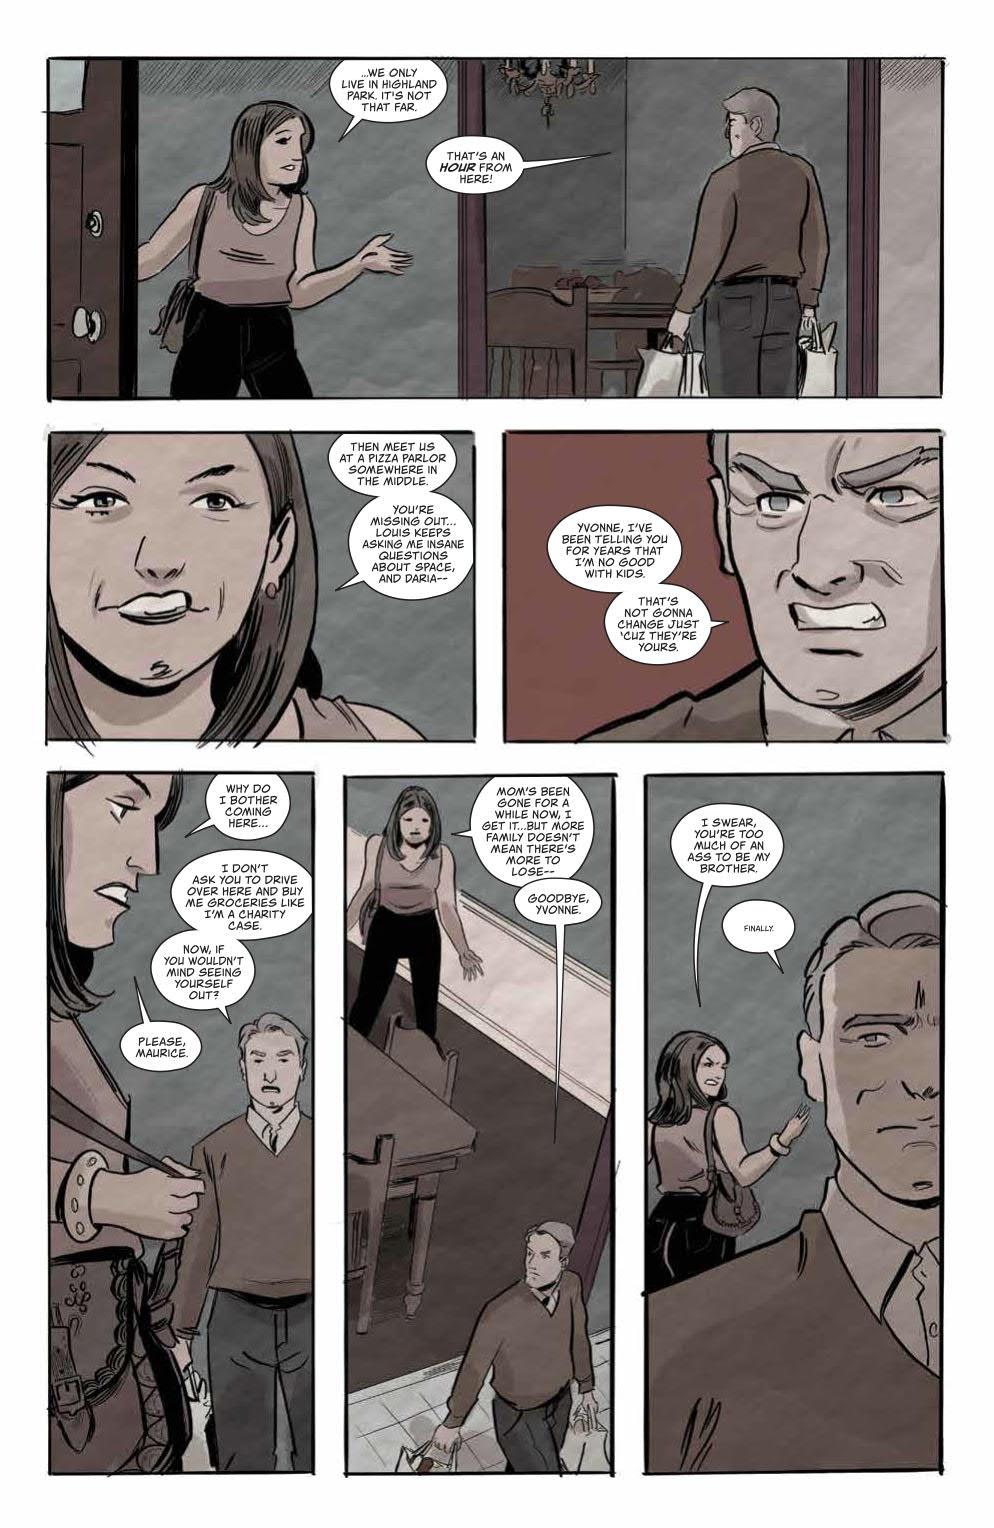 Page #4, BOOM! Studios (2019).